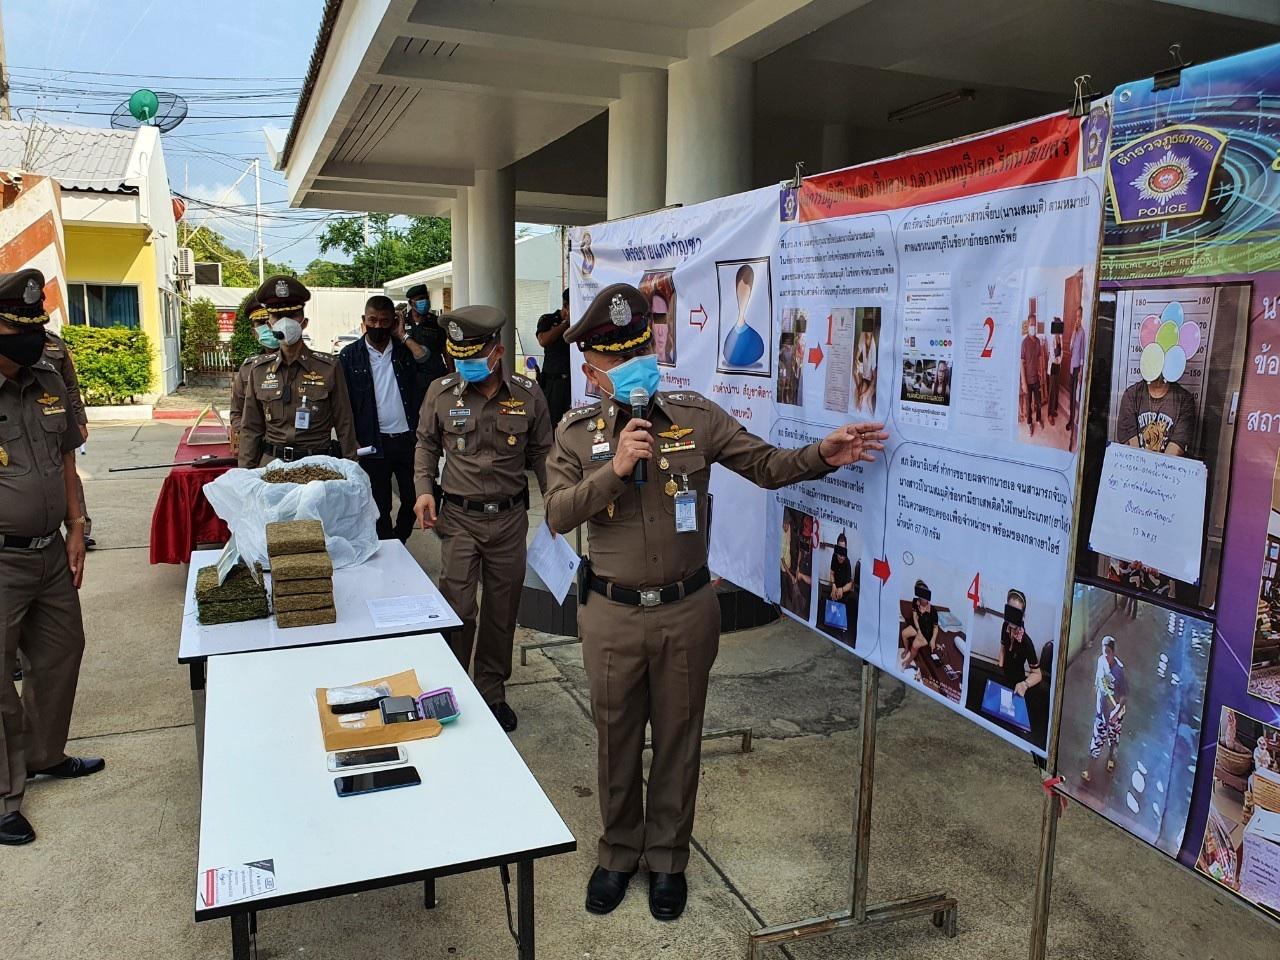 รอง ผบช.ภ.1 แถลงข่าว 3 คดีใหญ่ในพื้นที่ จ.นนทบุรี